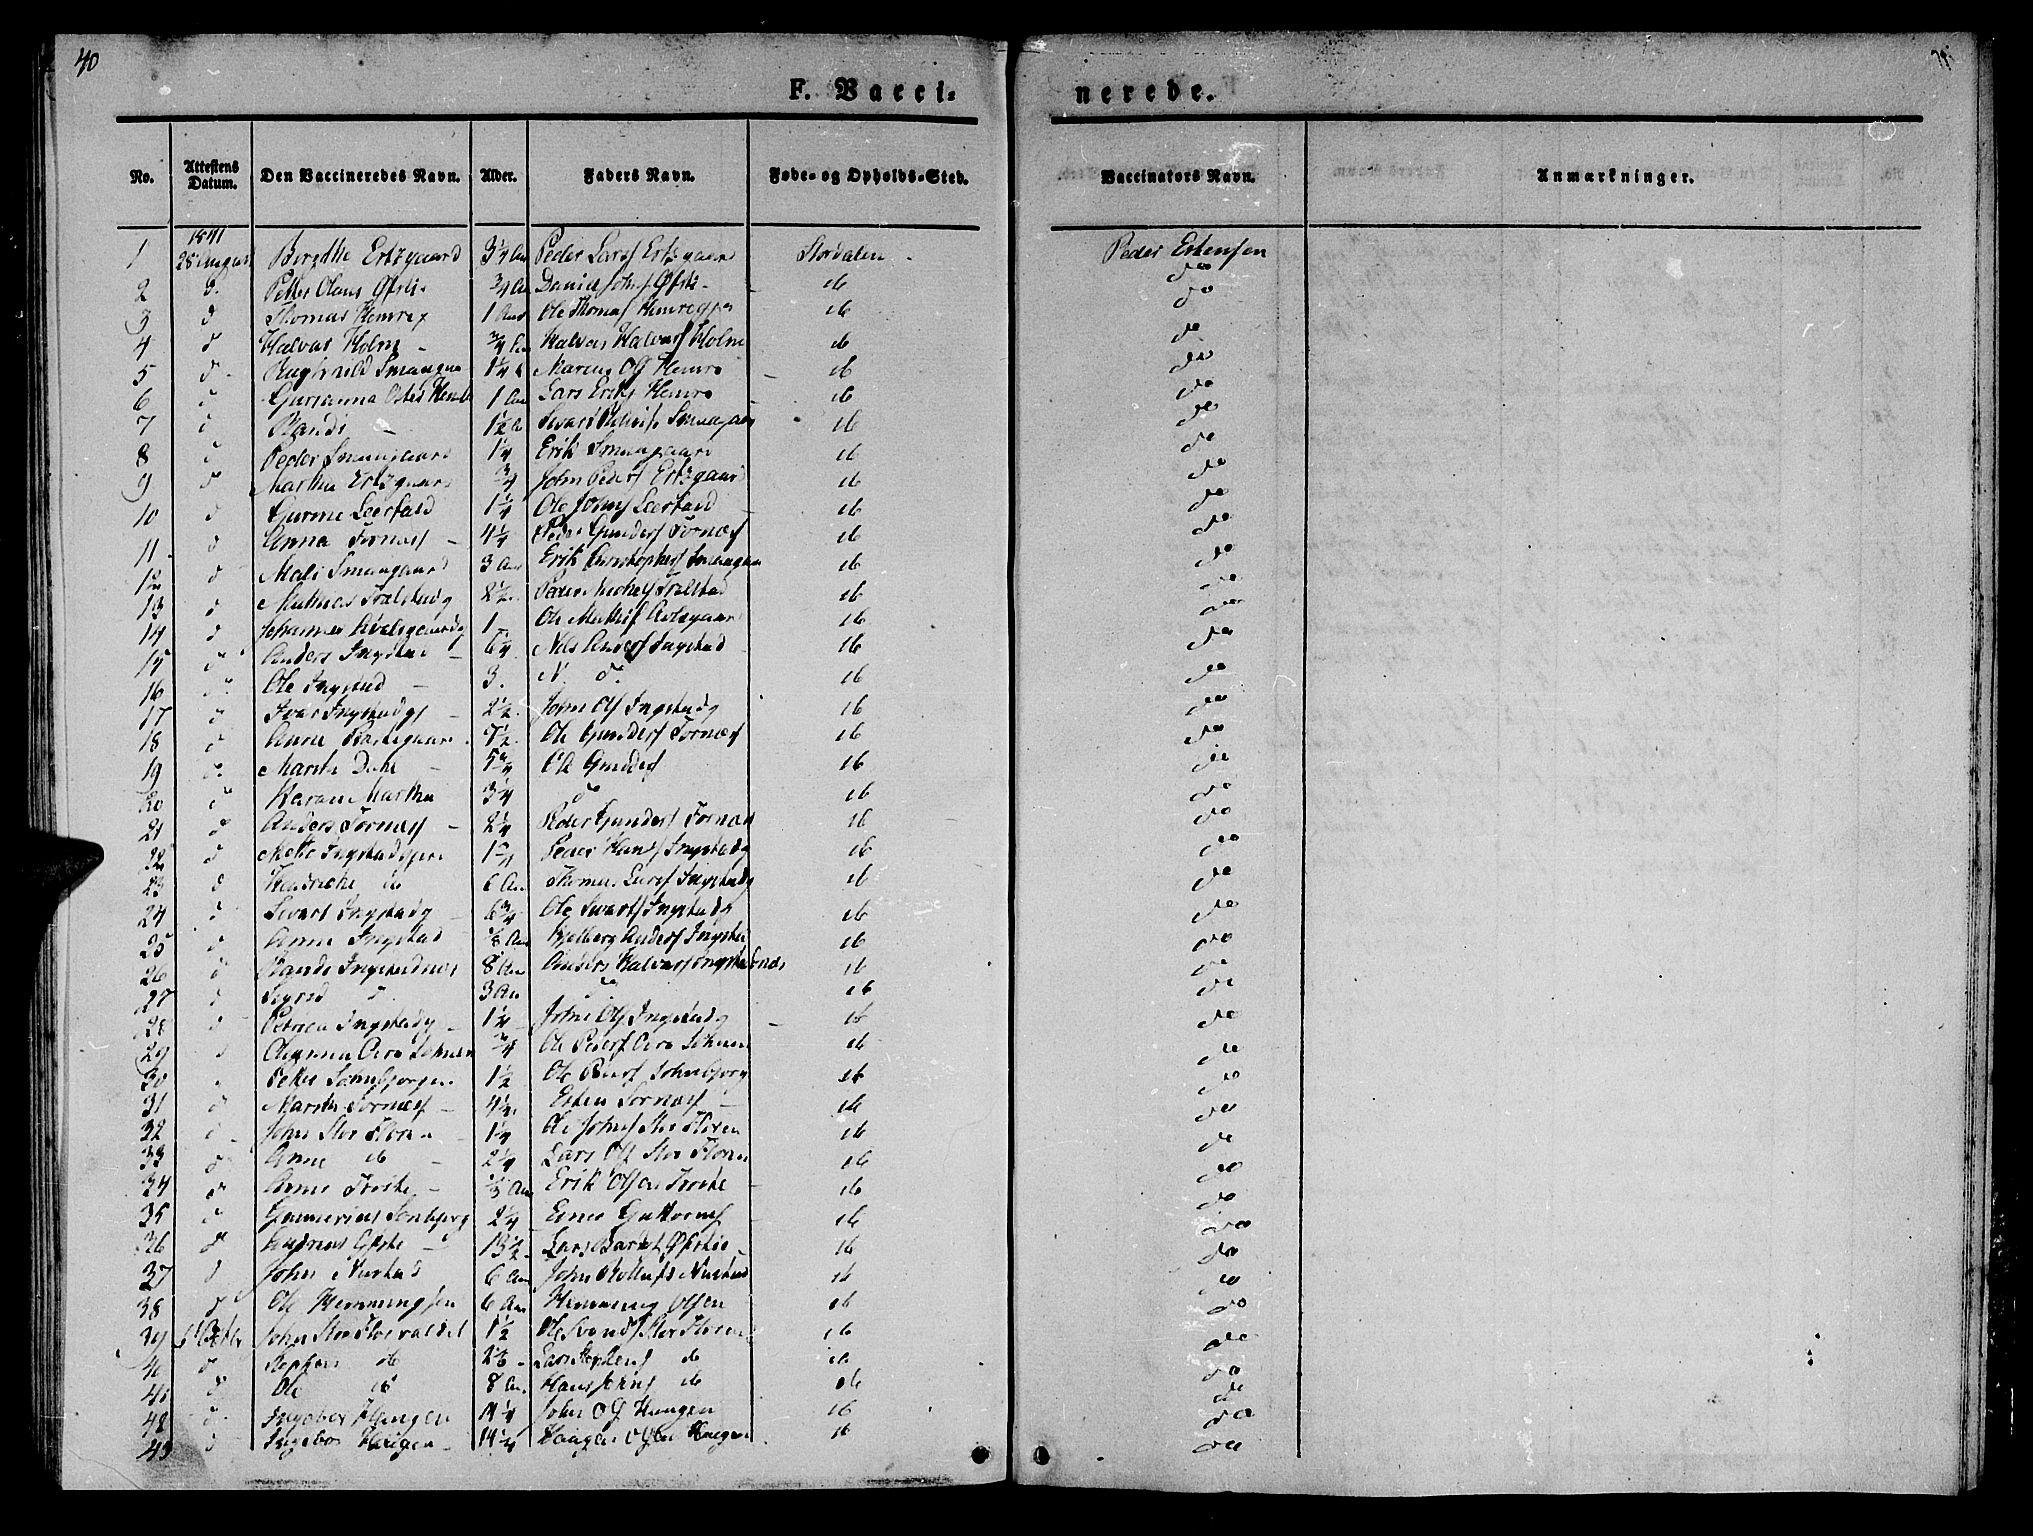 SAT, Ministerialprotokoller, klokkerbøker og fødselsregistre - Nord-Trøndelag, 709/L0073: Ministerialbok nr. 709A13, 1841-1844, s. 40